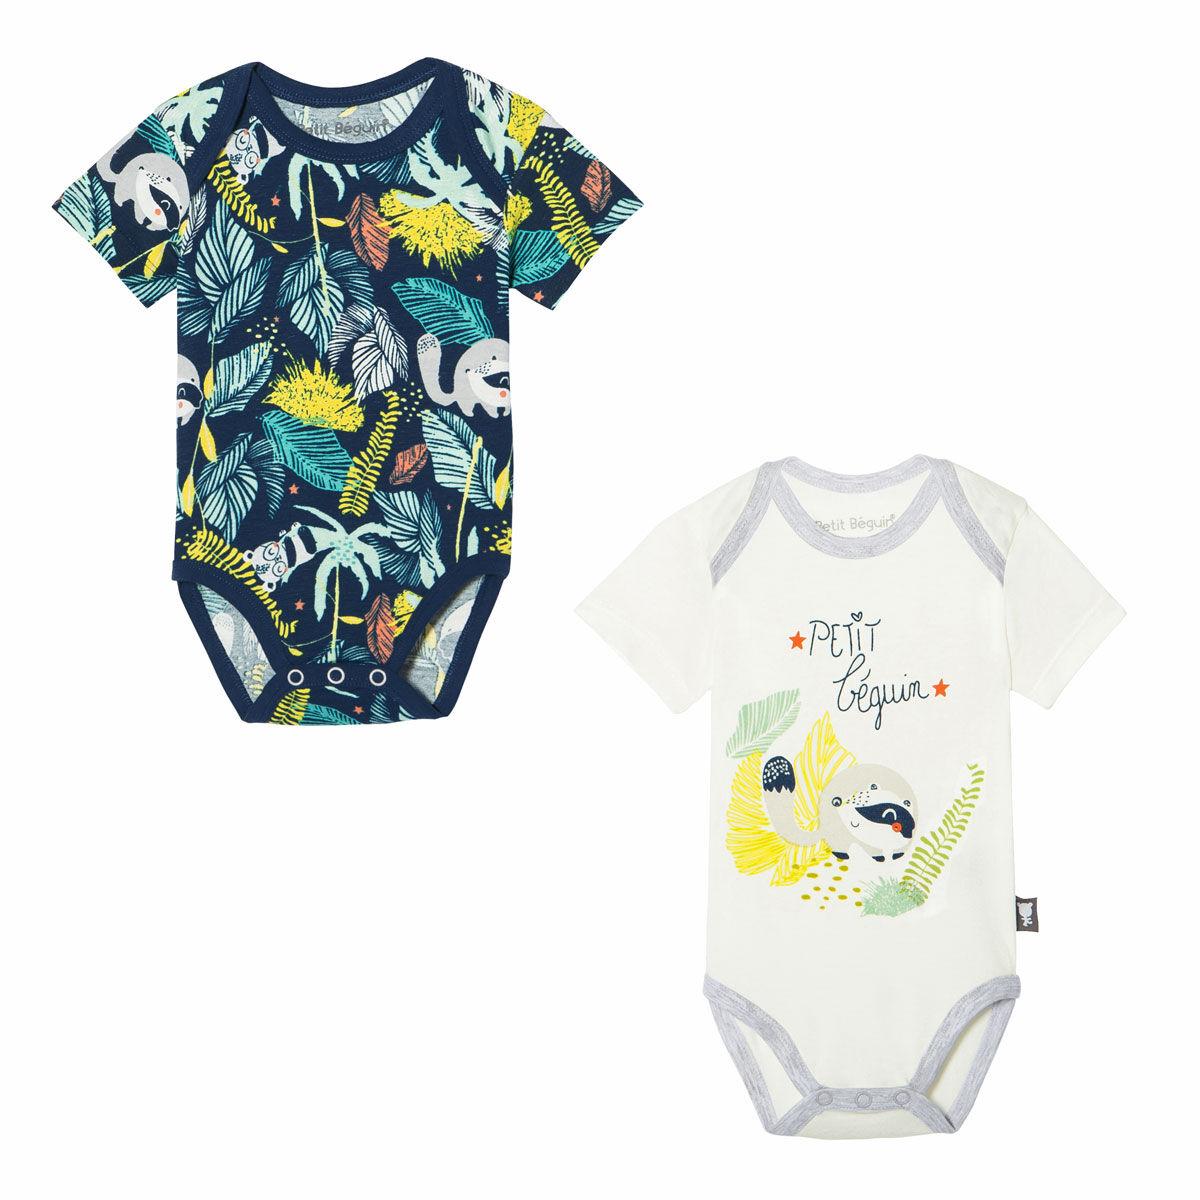 Petit Béguin Lot de 2 bodies bébé garçon manches courtes Kenya - Taille - 6 mois